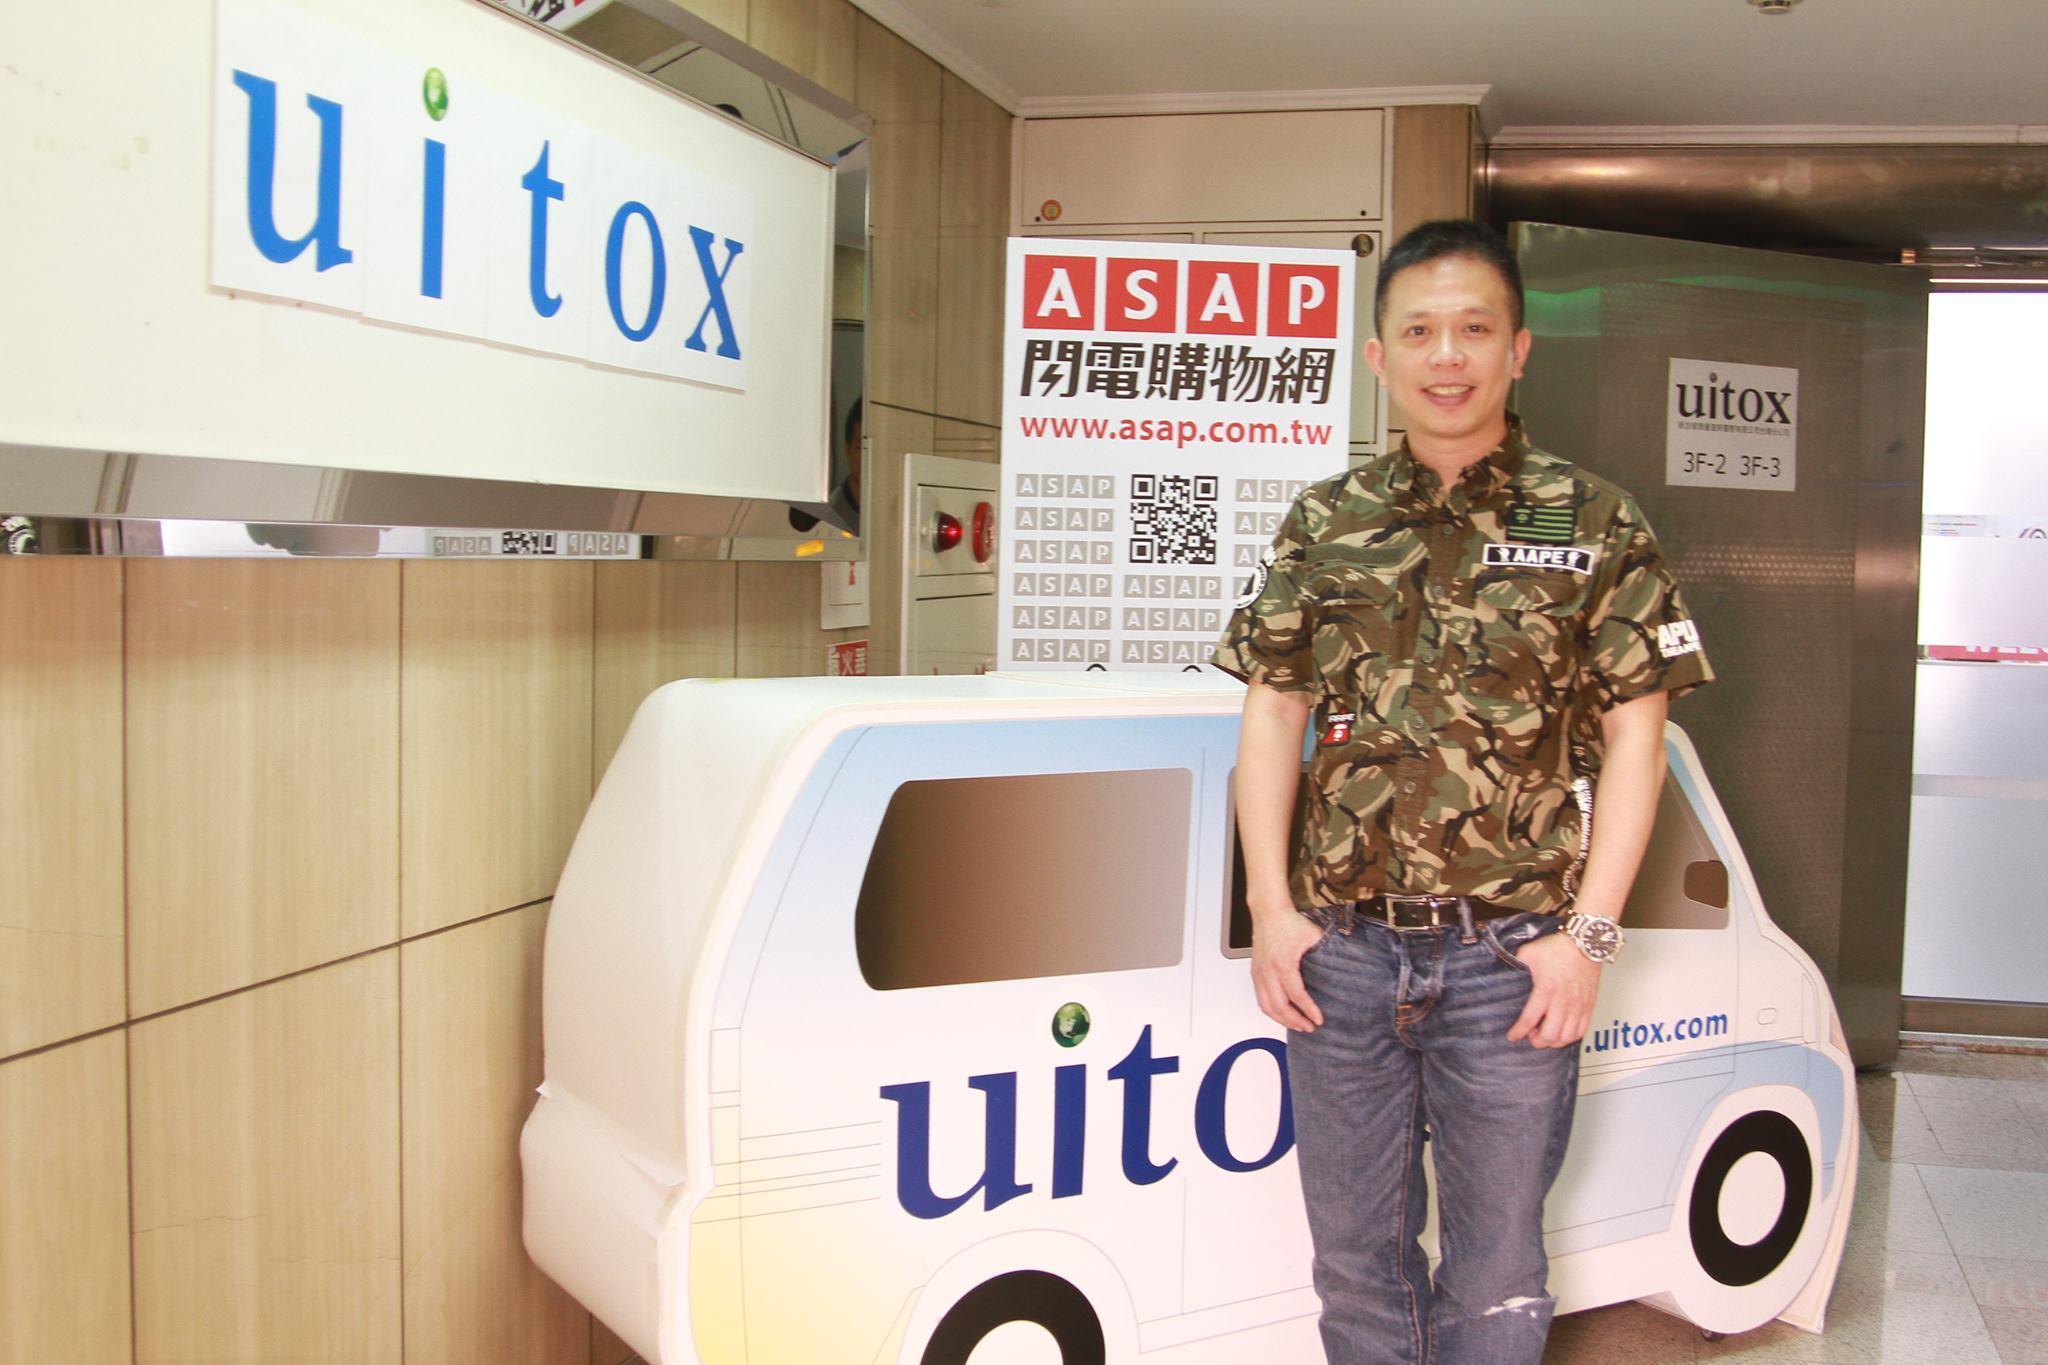 Uitox的跨境聯網夢,消費者全球購物卻享受在地服務